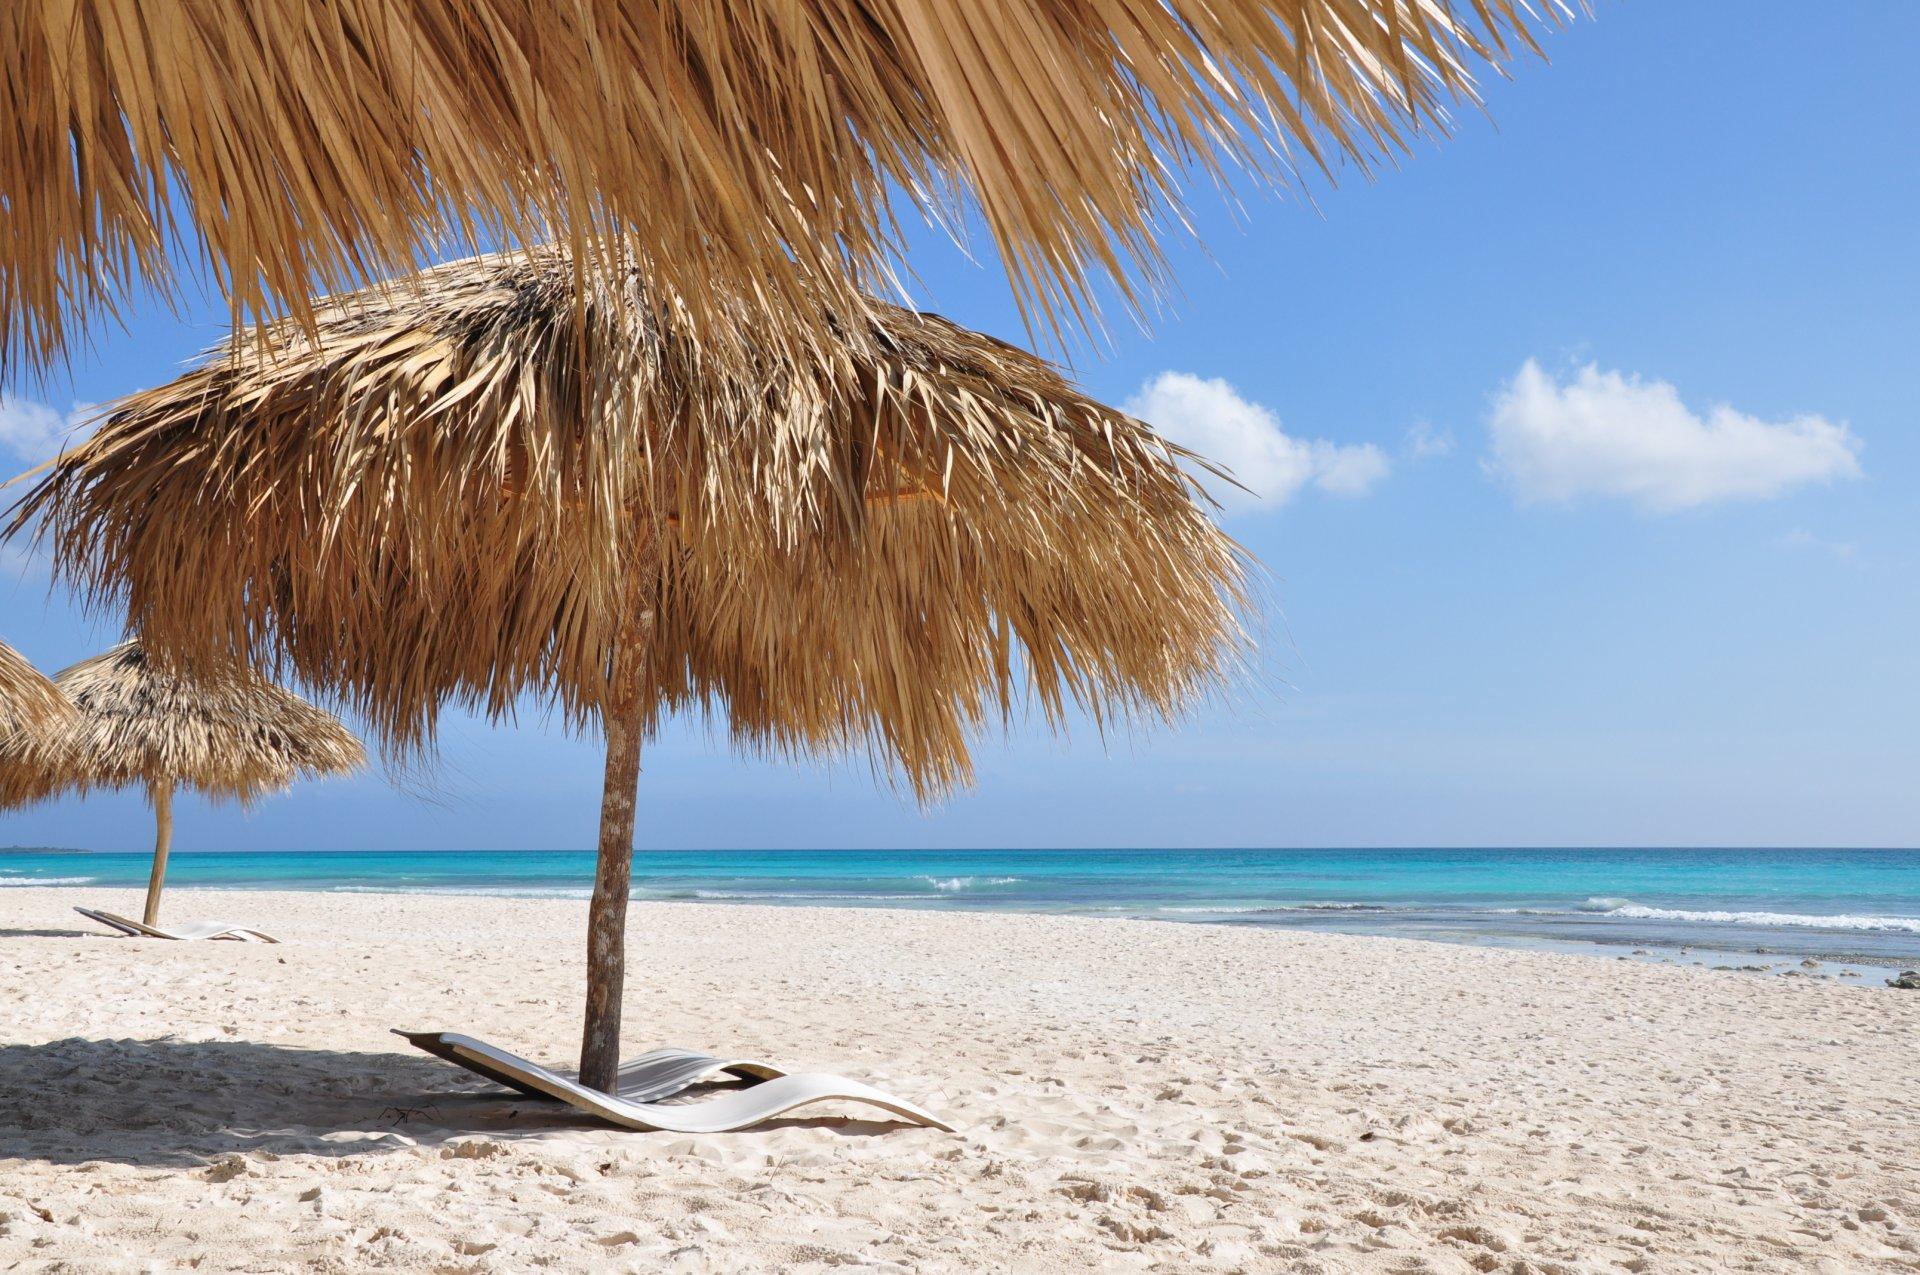 Картинки пальмы море и песок